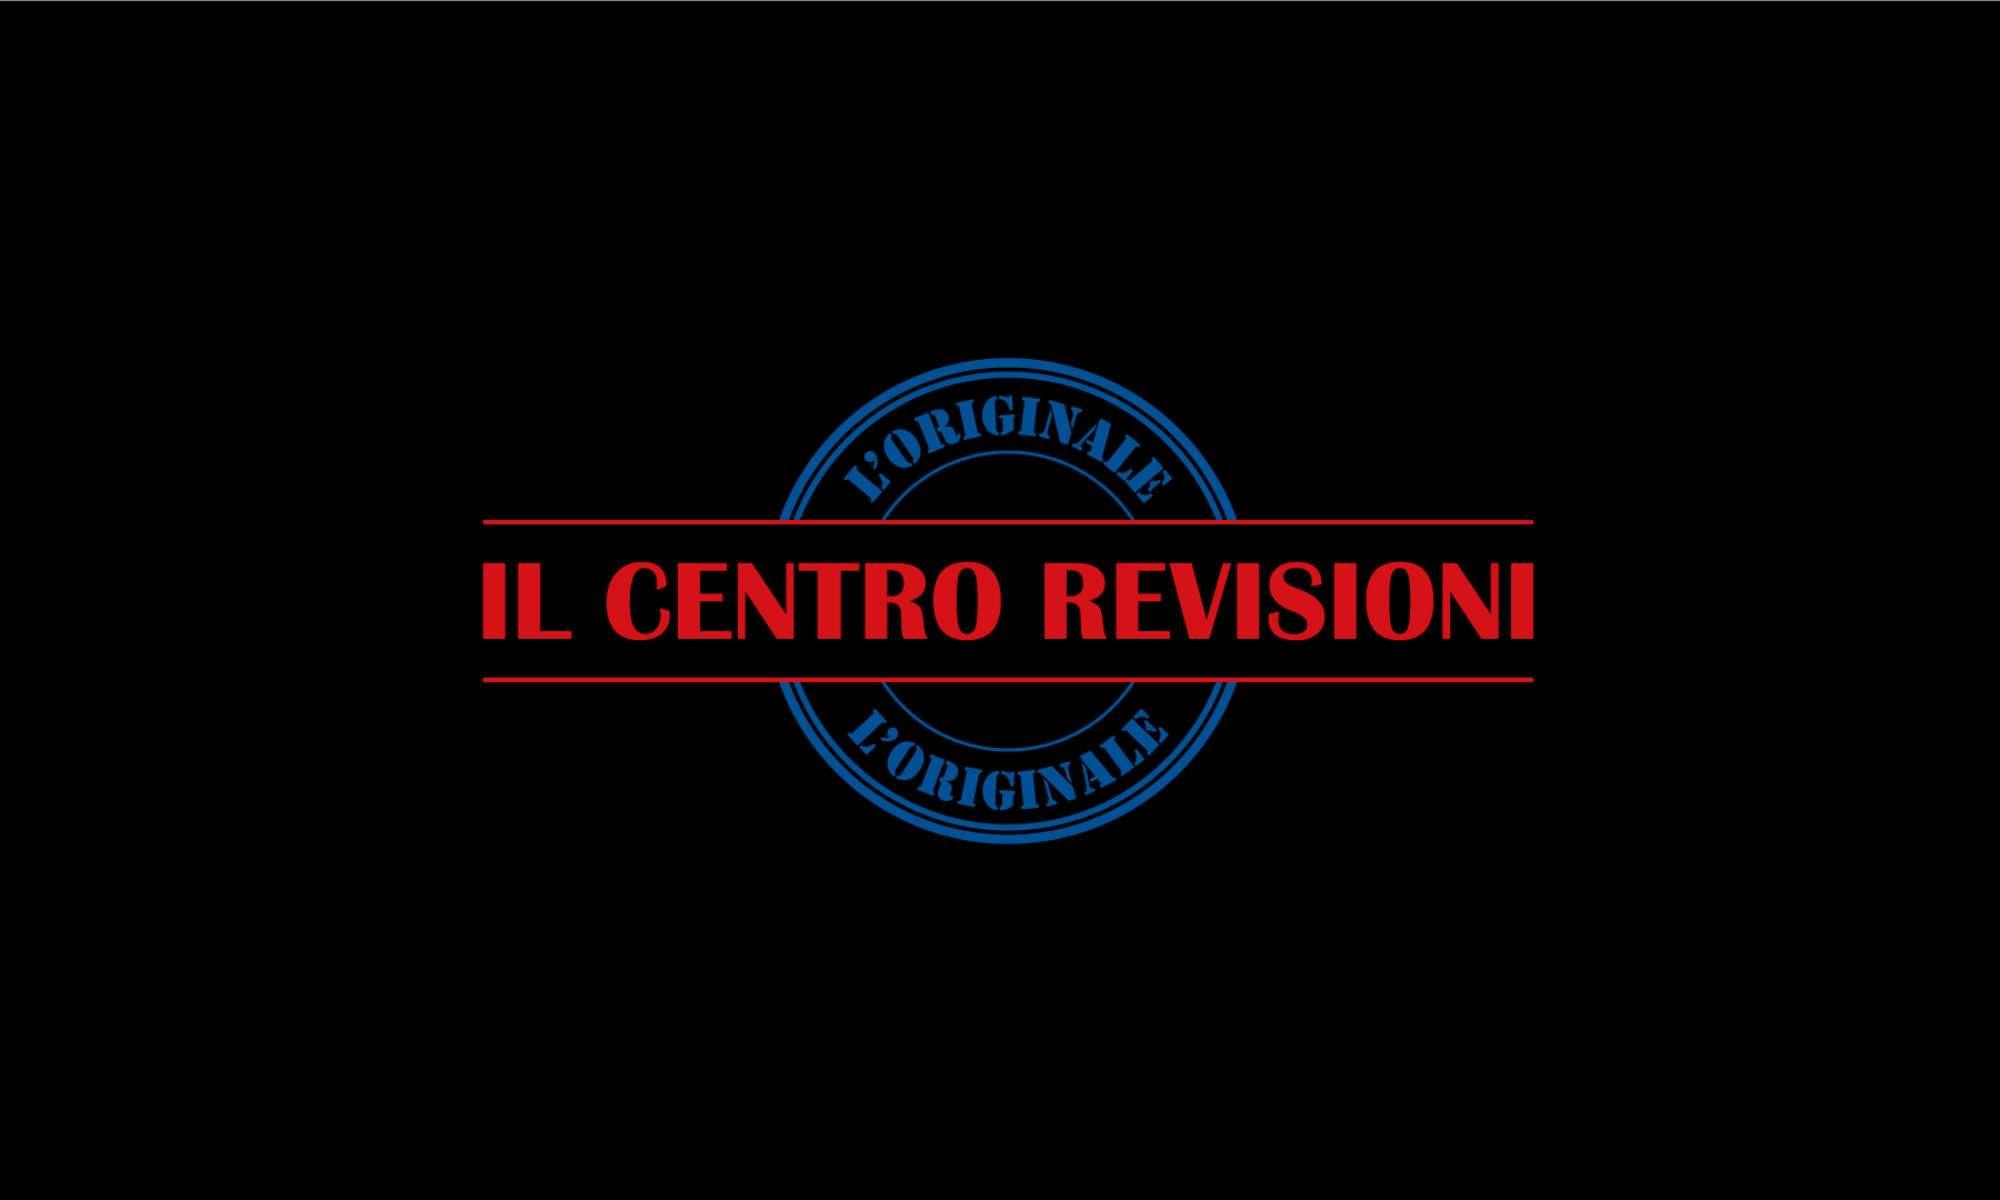 Il Centro Revisioni